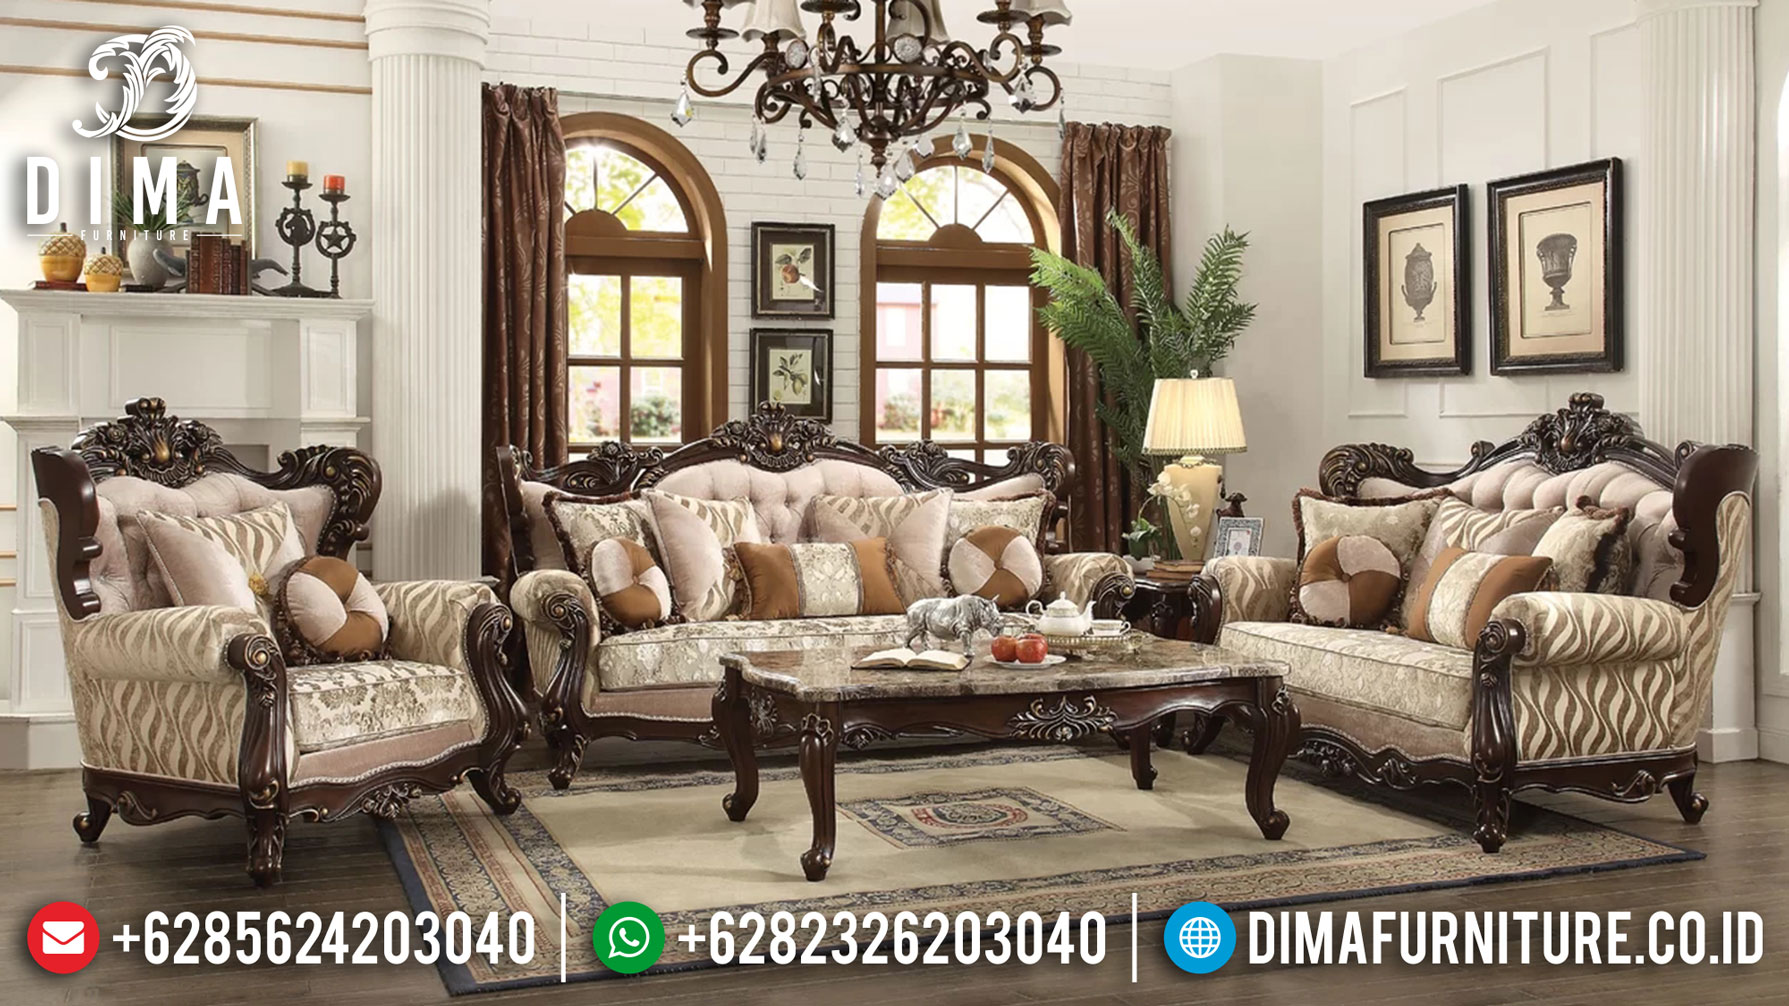 New Sofa Tamu Mewah Jati Jepara Ukiran Carmen Natural MMJ-0946